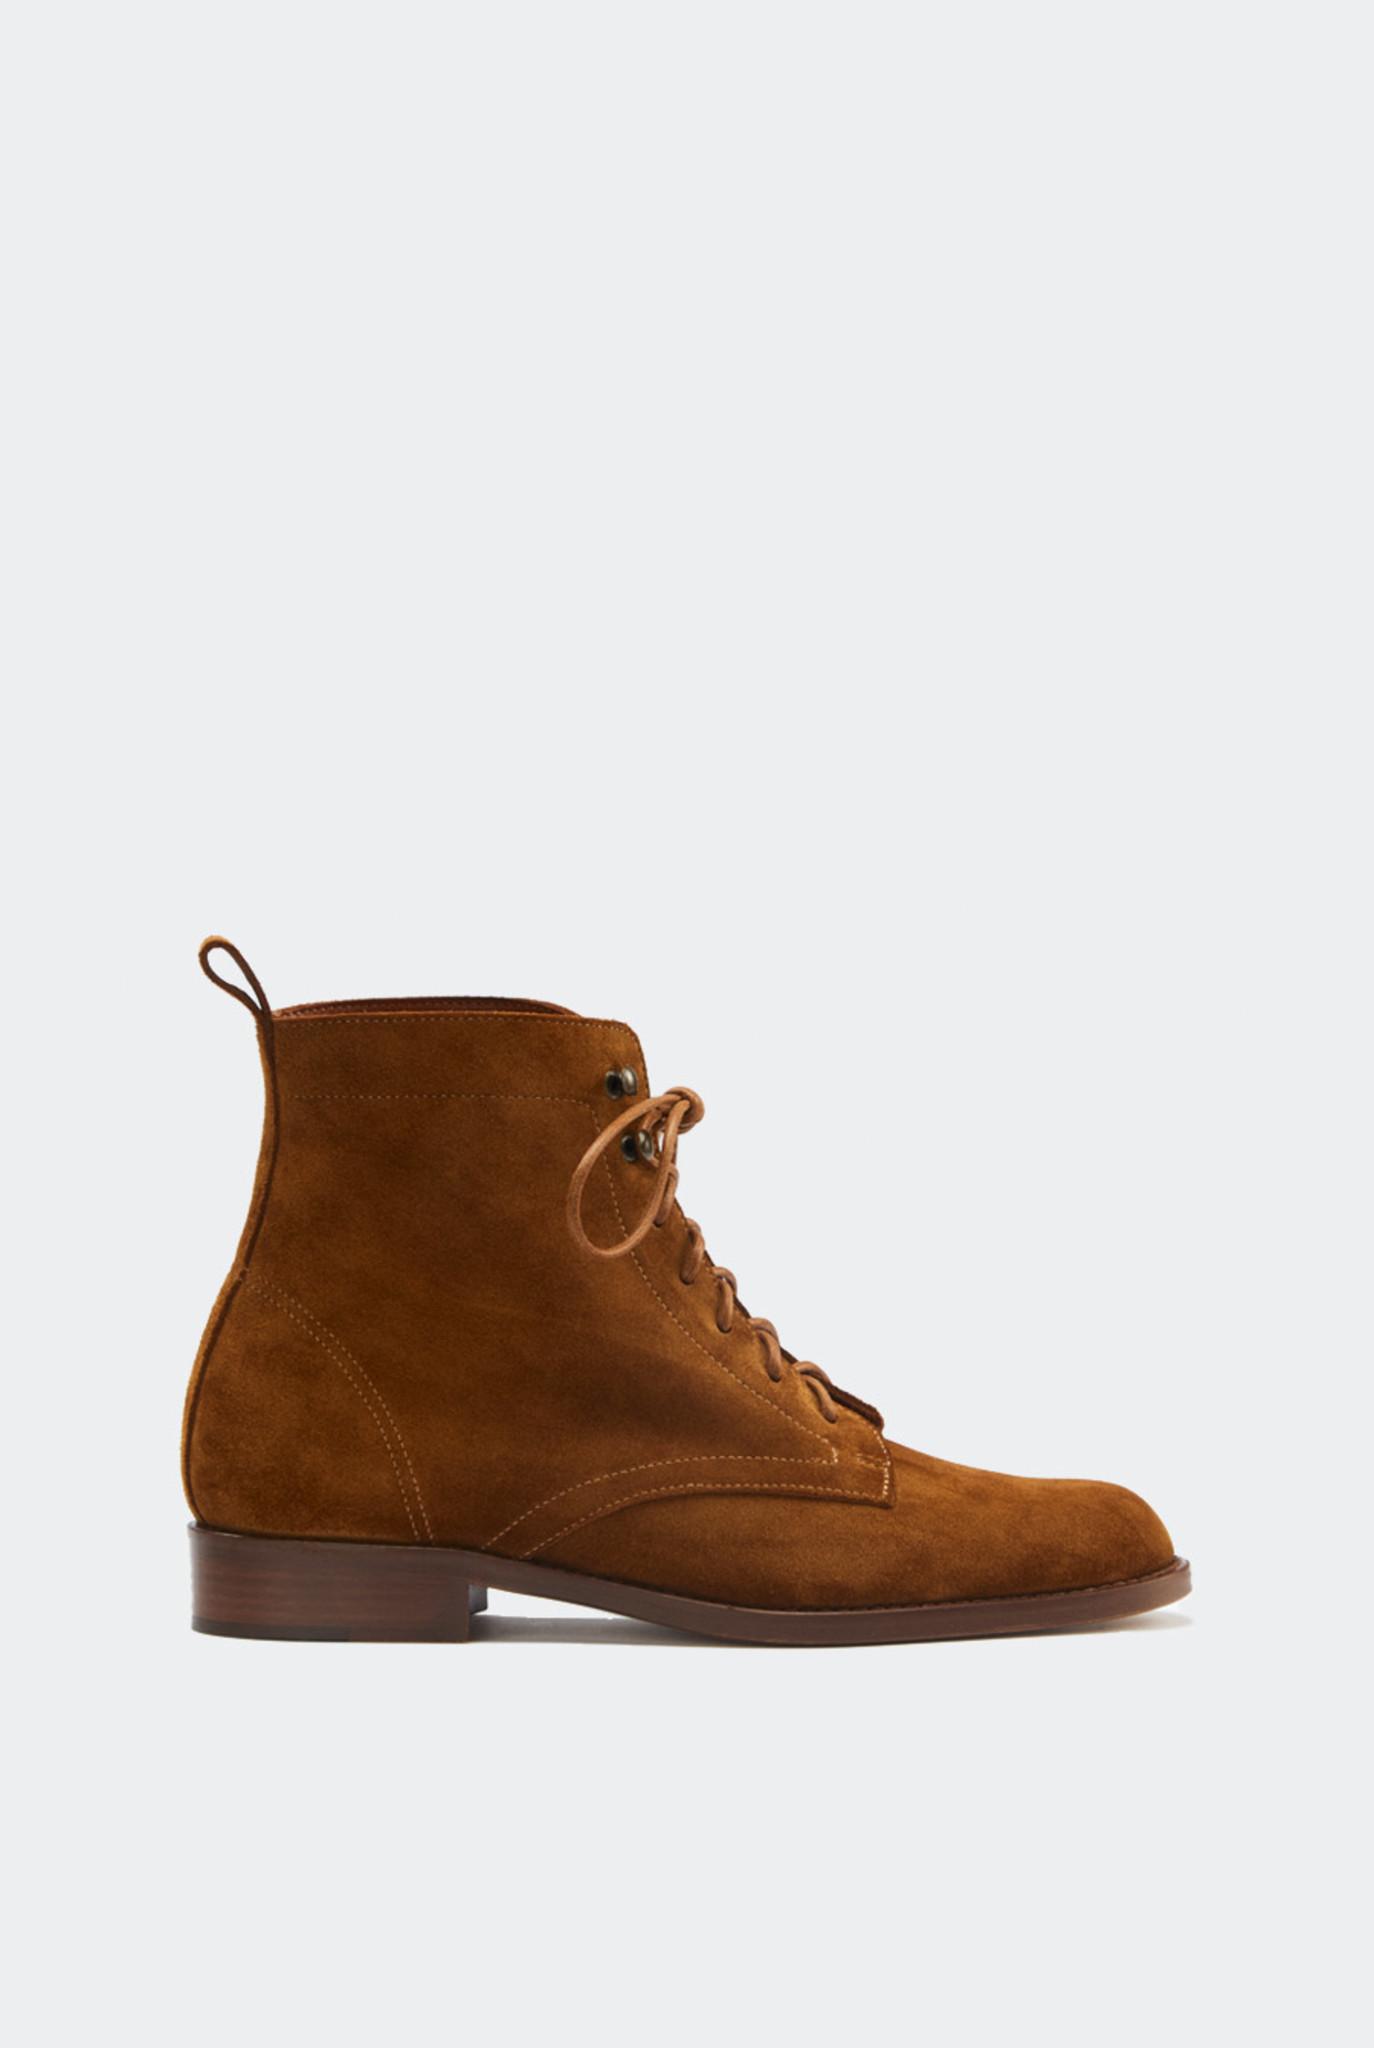 Court Boots Vintage Cognac Suede